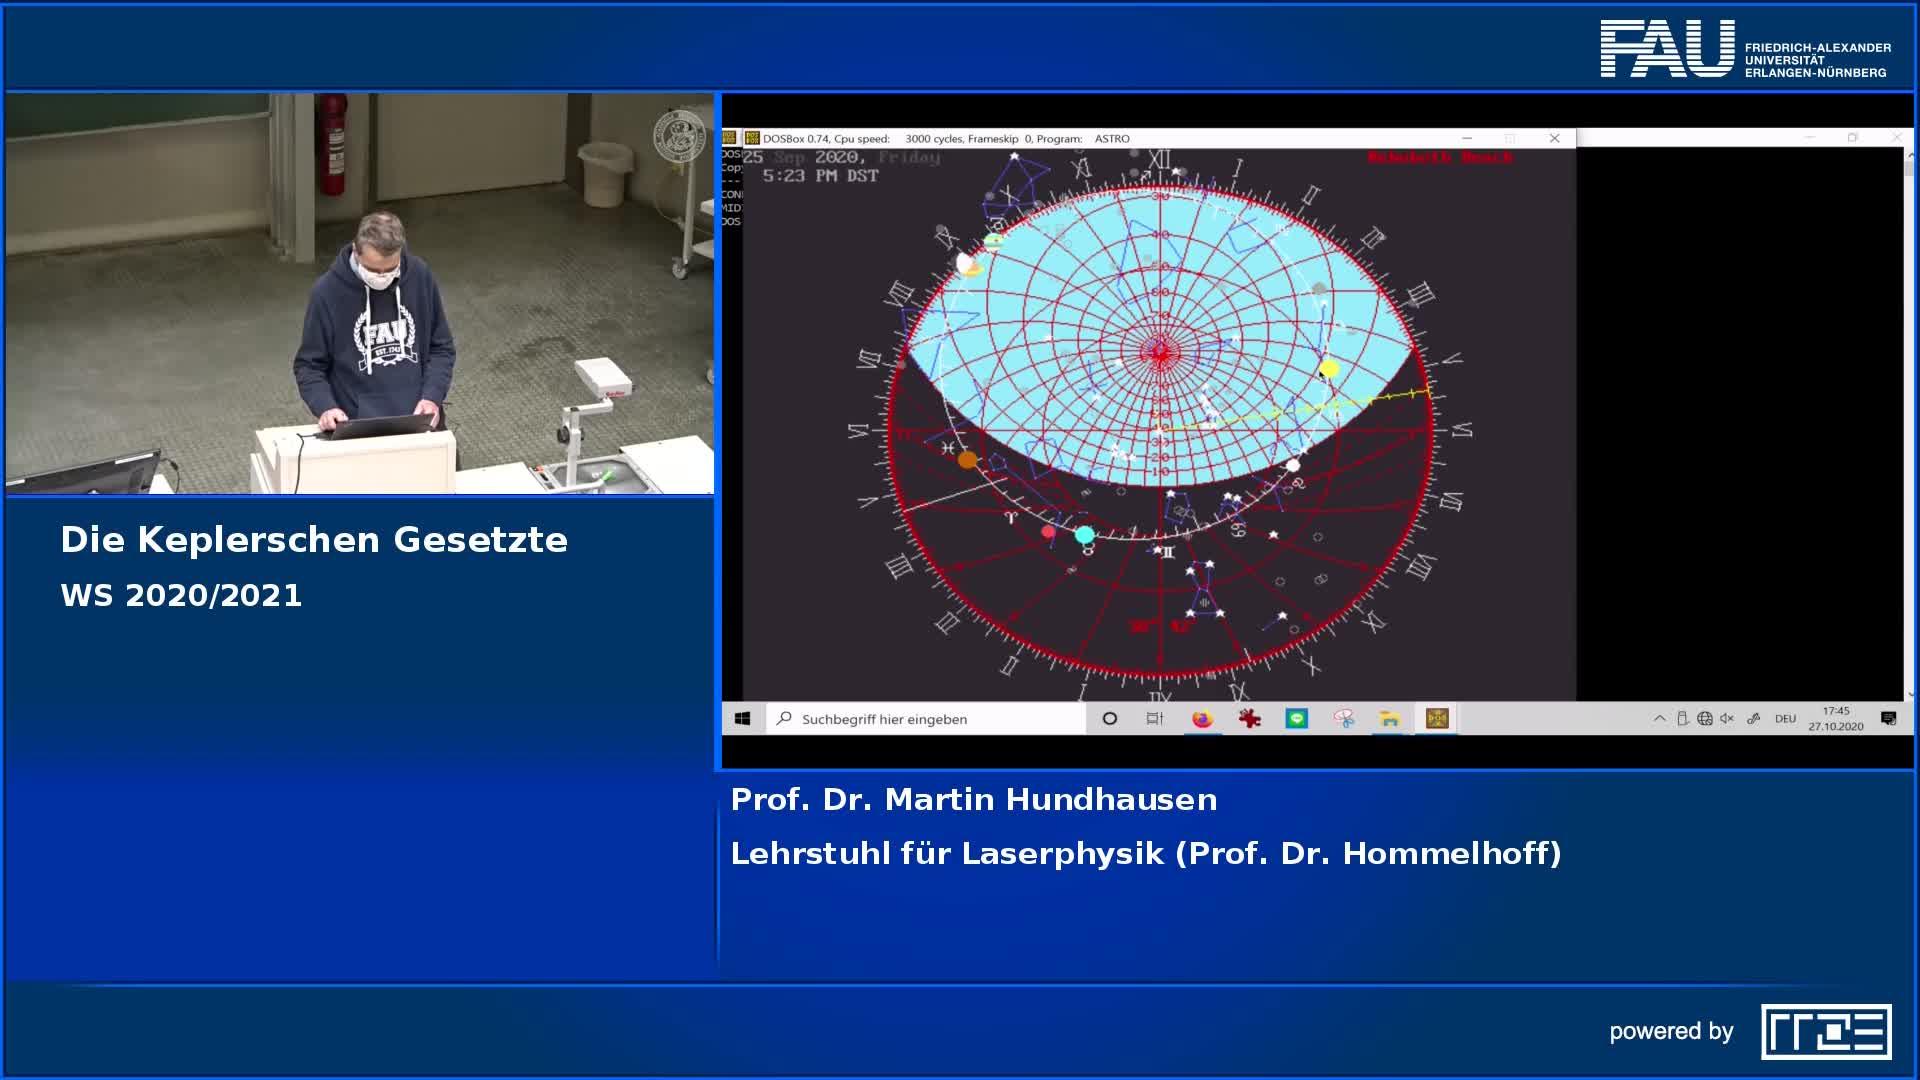 Die Keplerschen Gesetze preview image